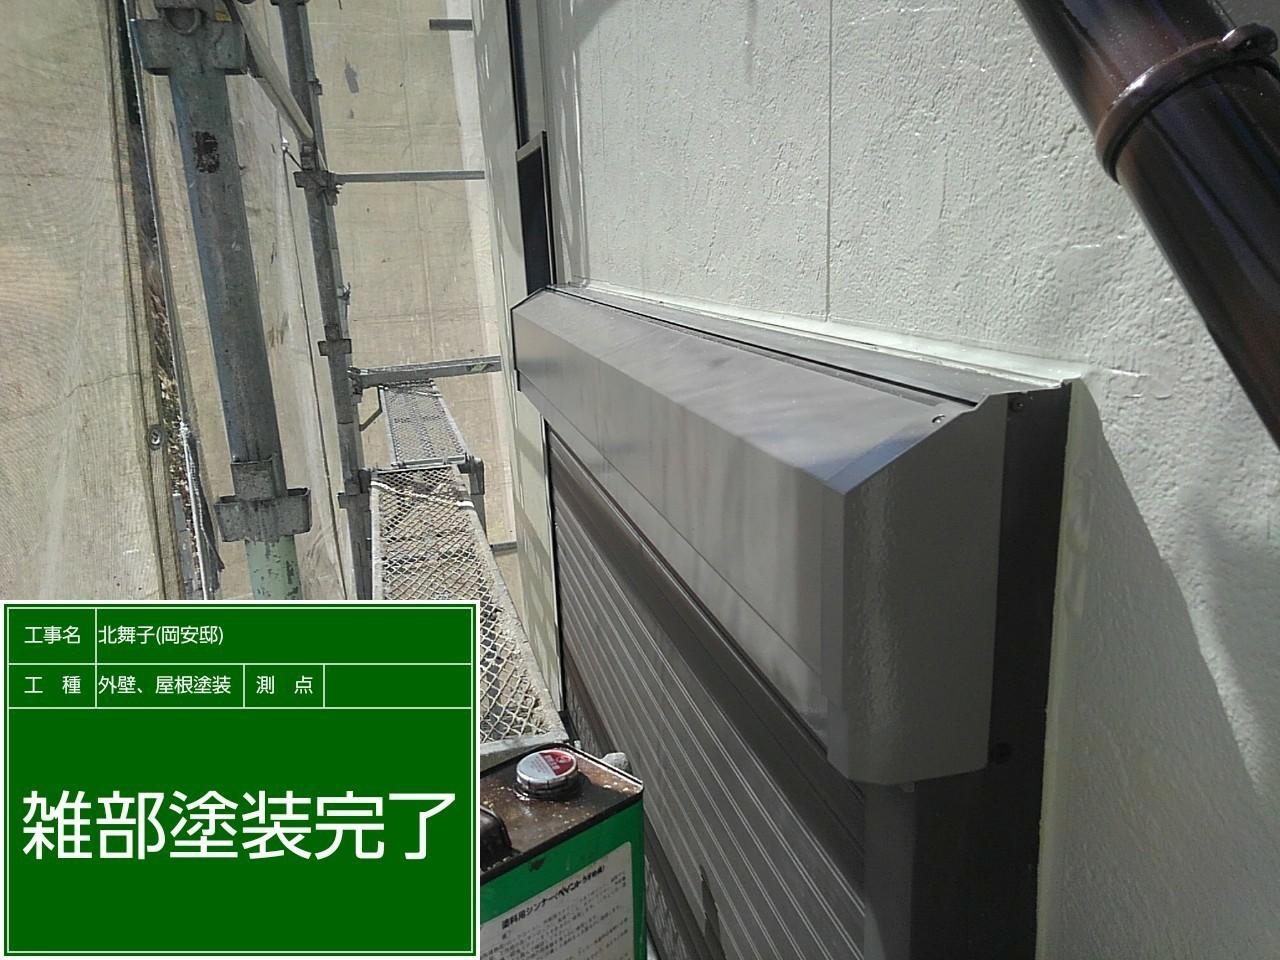 神戸市垂水区での外壁塗装工事でシャッターボックスを塗装した様子